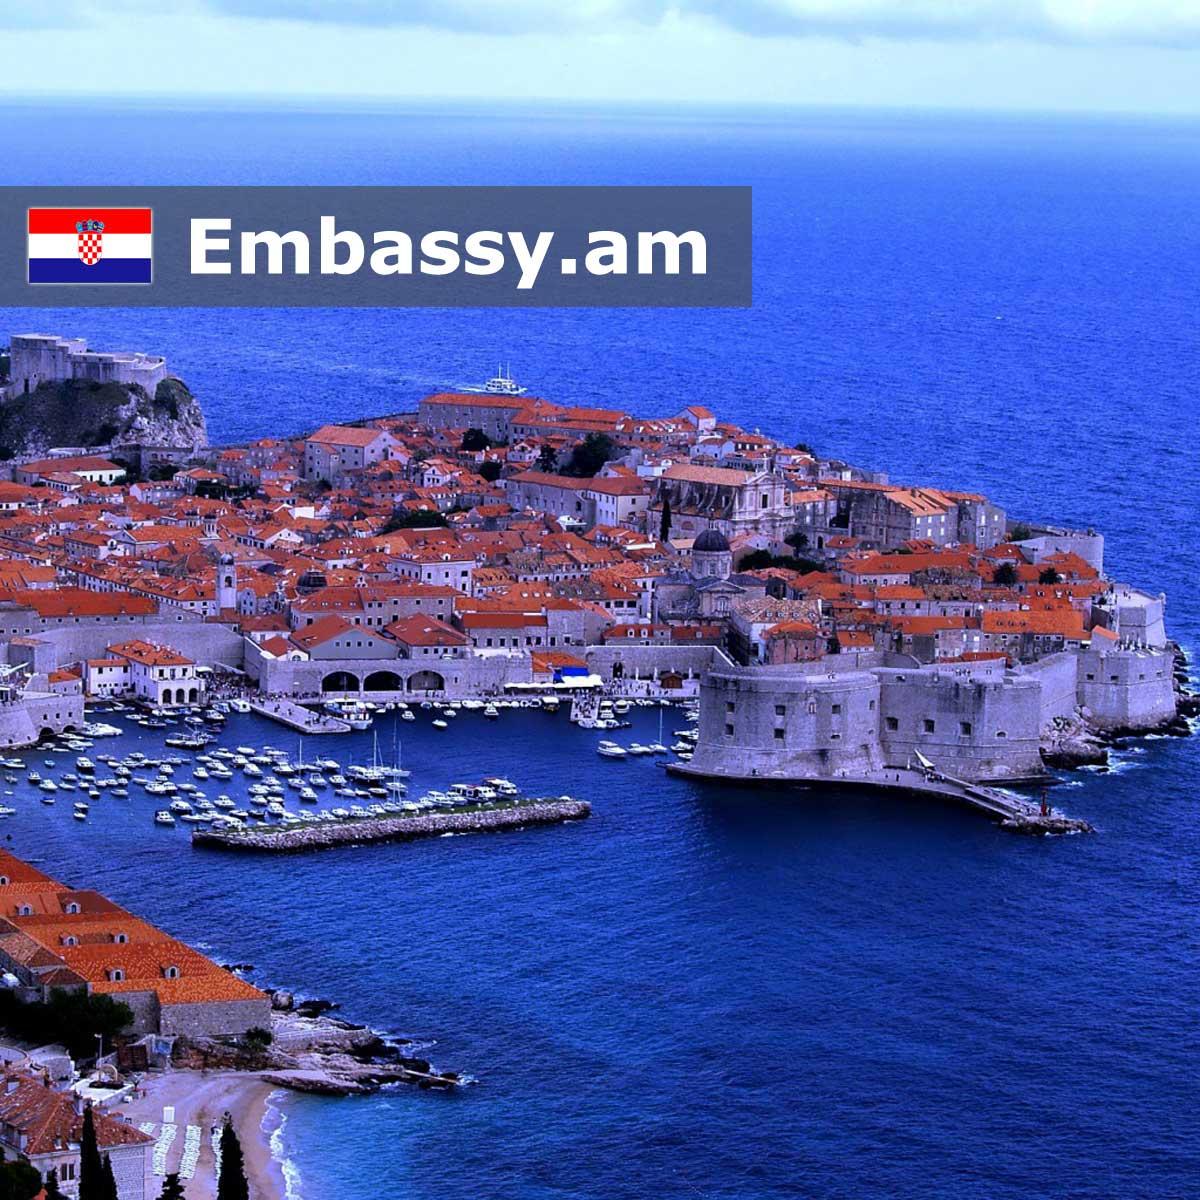 Dubrovnik - Hotels in Croatia - Embassy.am